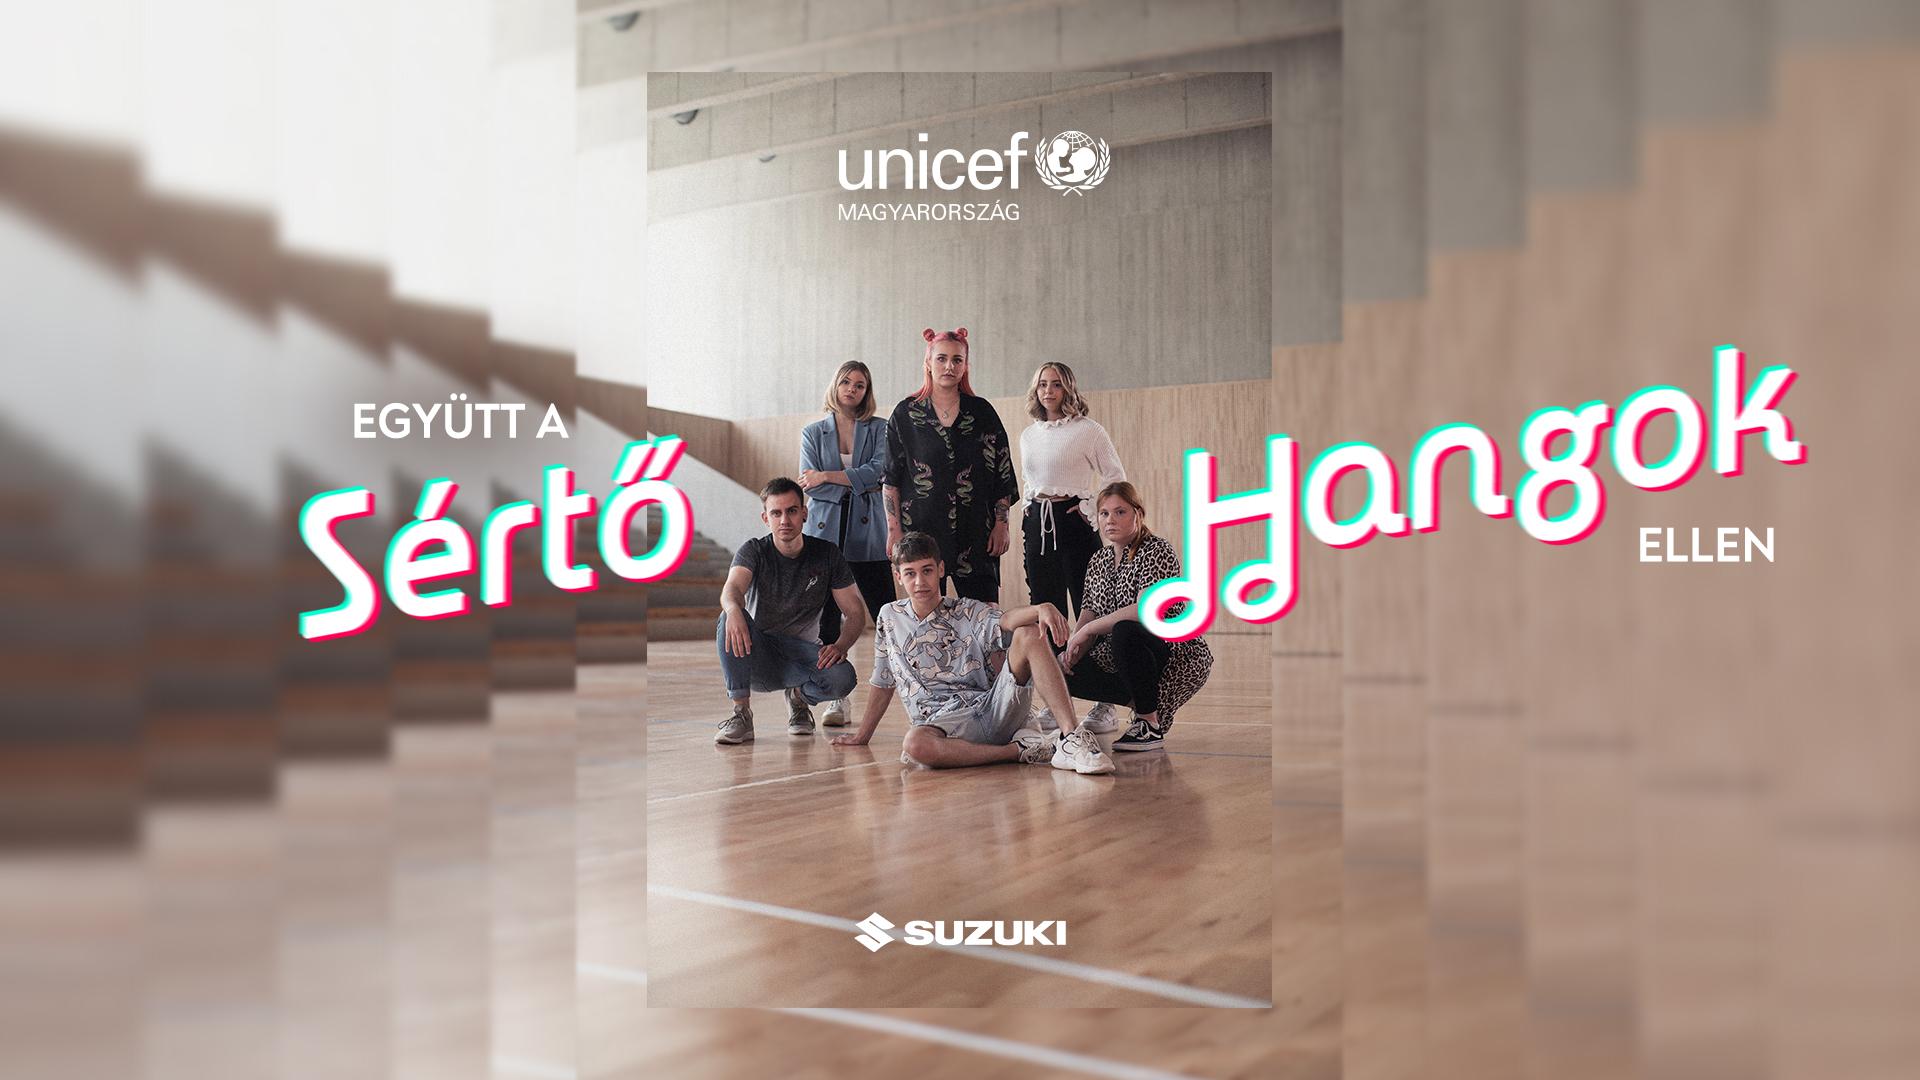 unicef-serto-hangok-kv-1920x1080-20210616-v01.jpg